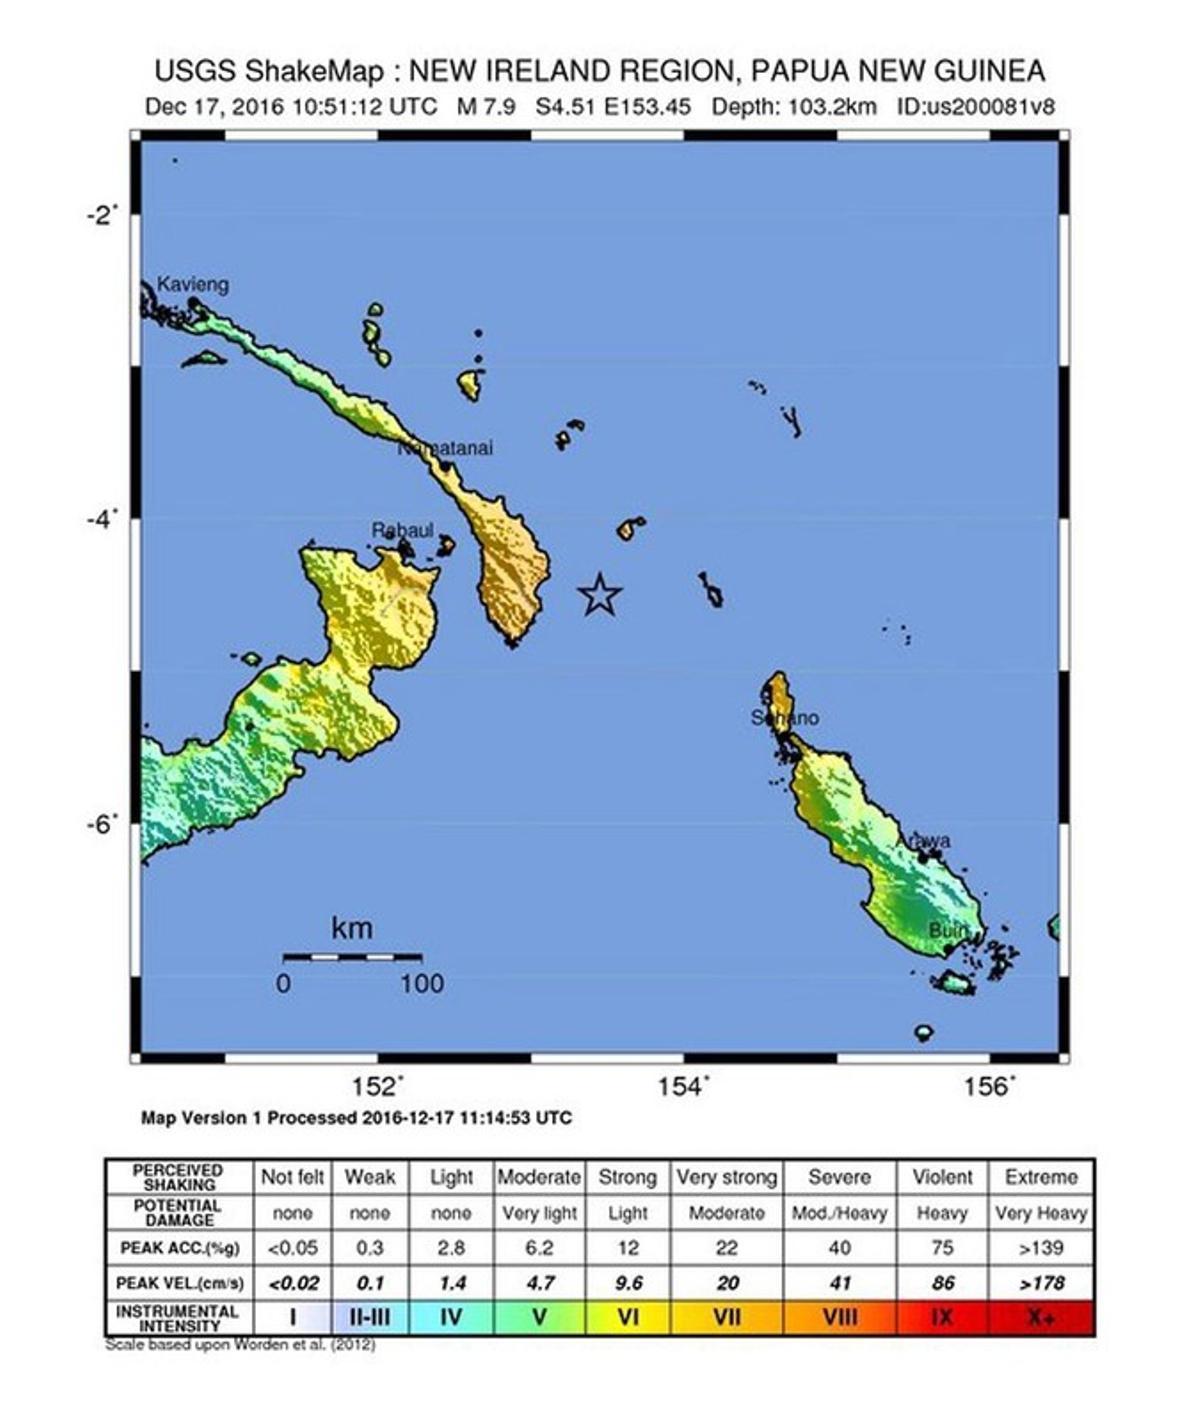 La estrella en el mar marca el lugar donde se ha registrado el hepicentro del terremoto.